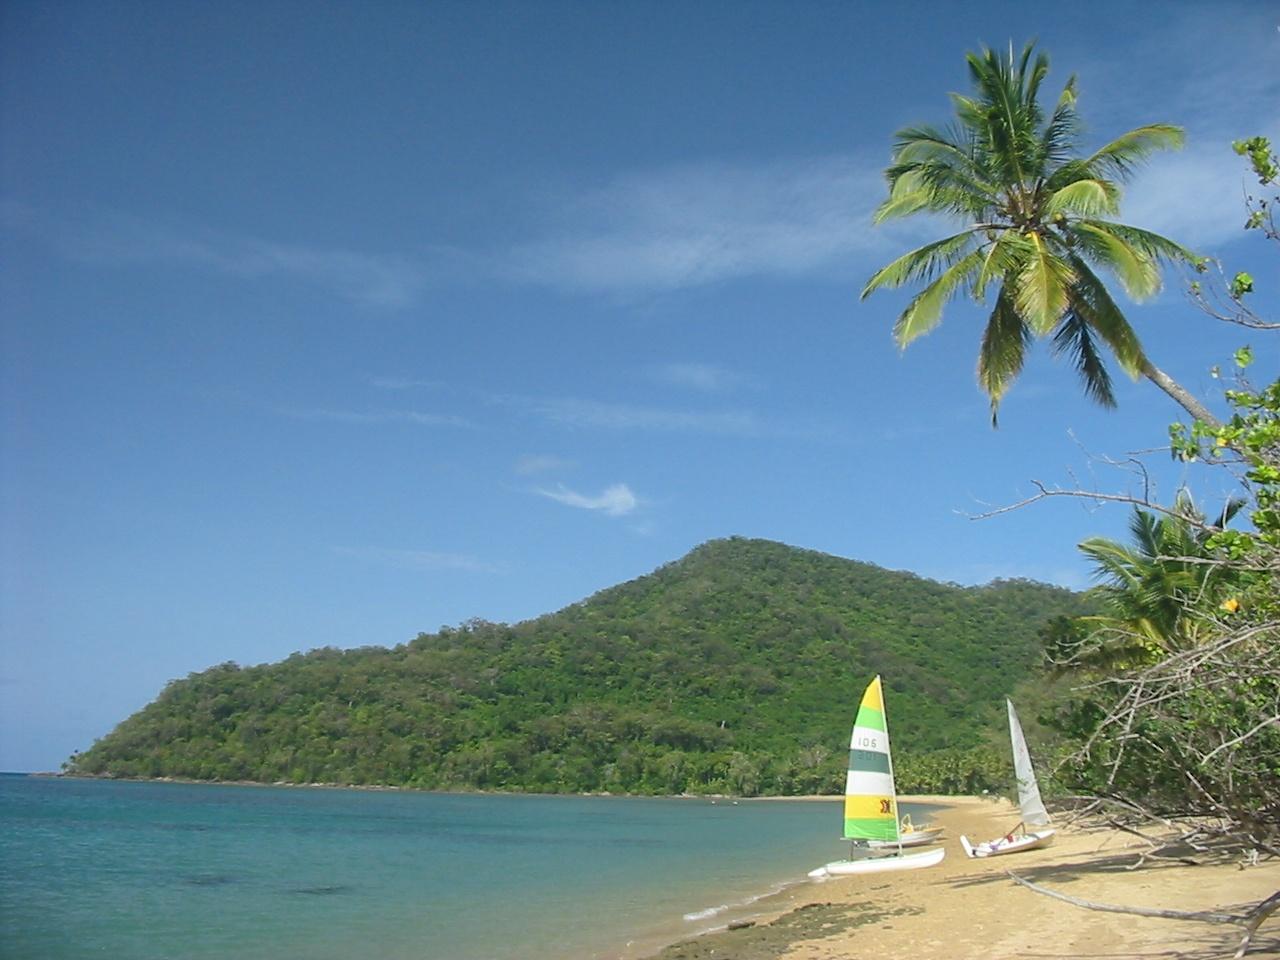 Dunk Island Holidays: File:Dunk Island, Mt. Kootaloo, Queensland.jpg